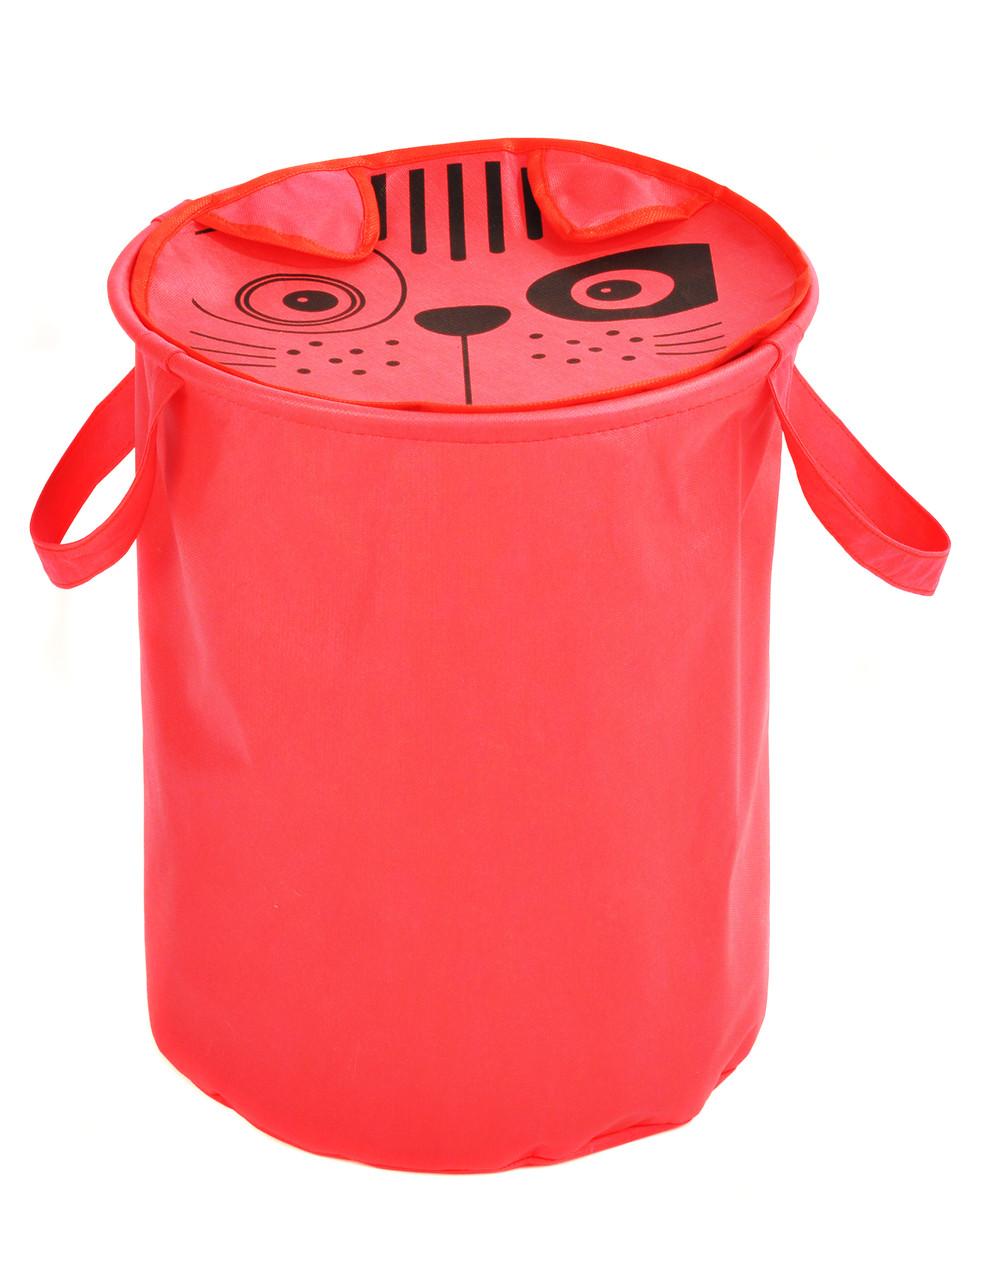 Мешок для хранения игрушек, 35 * 40 см, Зоопарк, Кот (с крышкой)